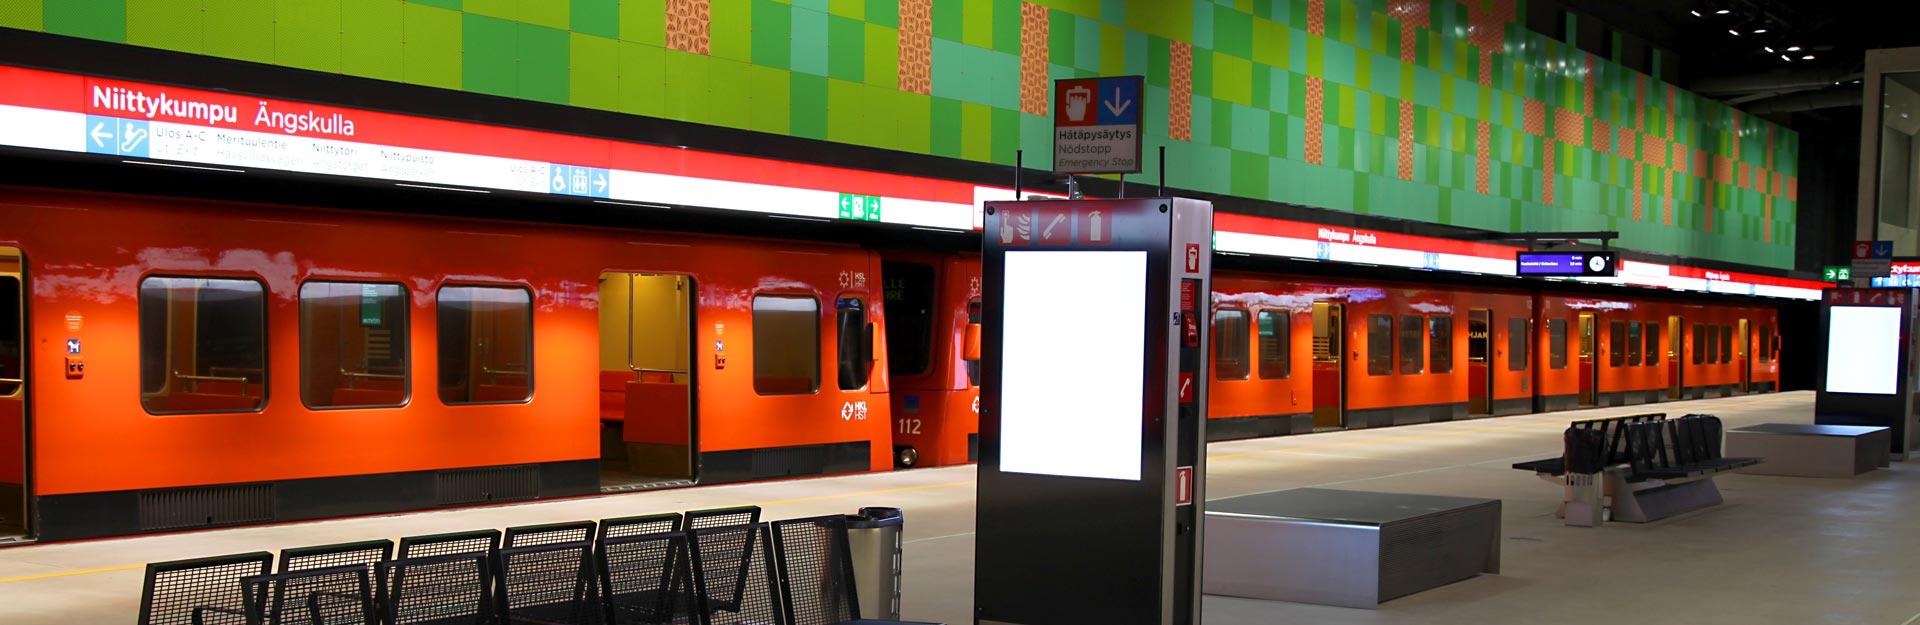 Metro Niittykummun metroasemalla.